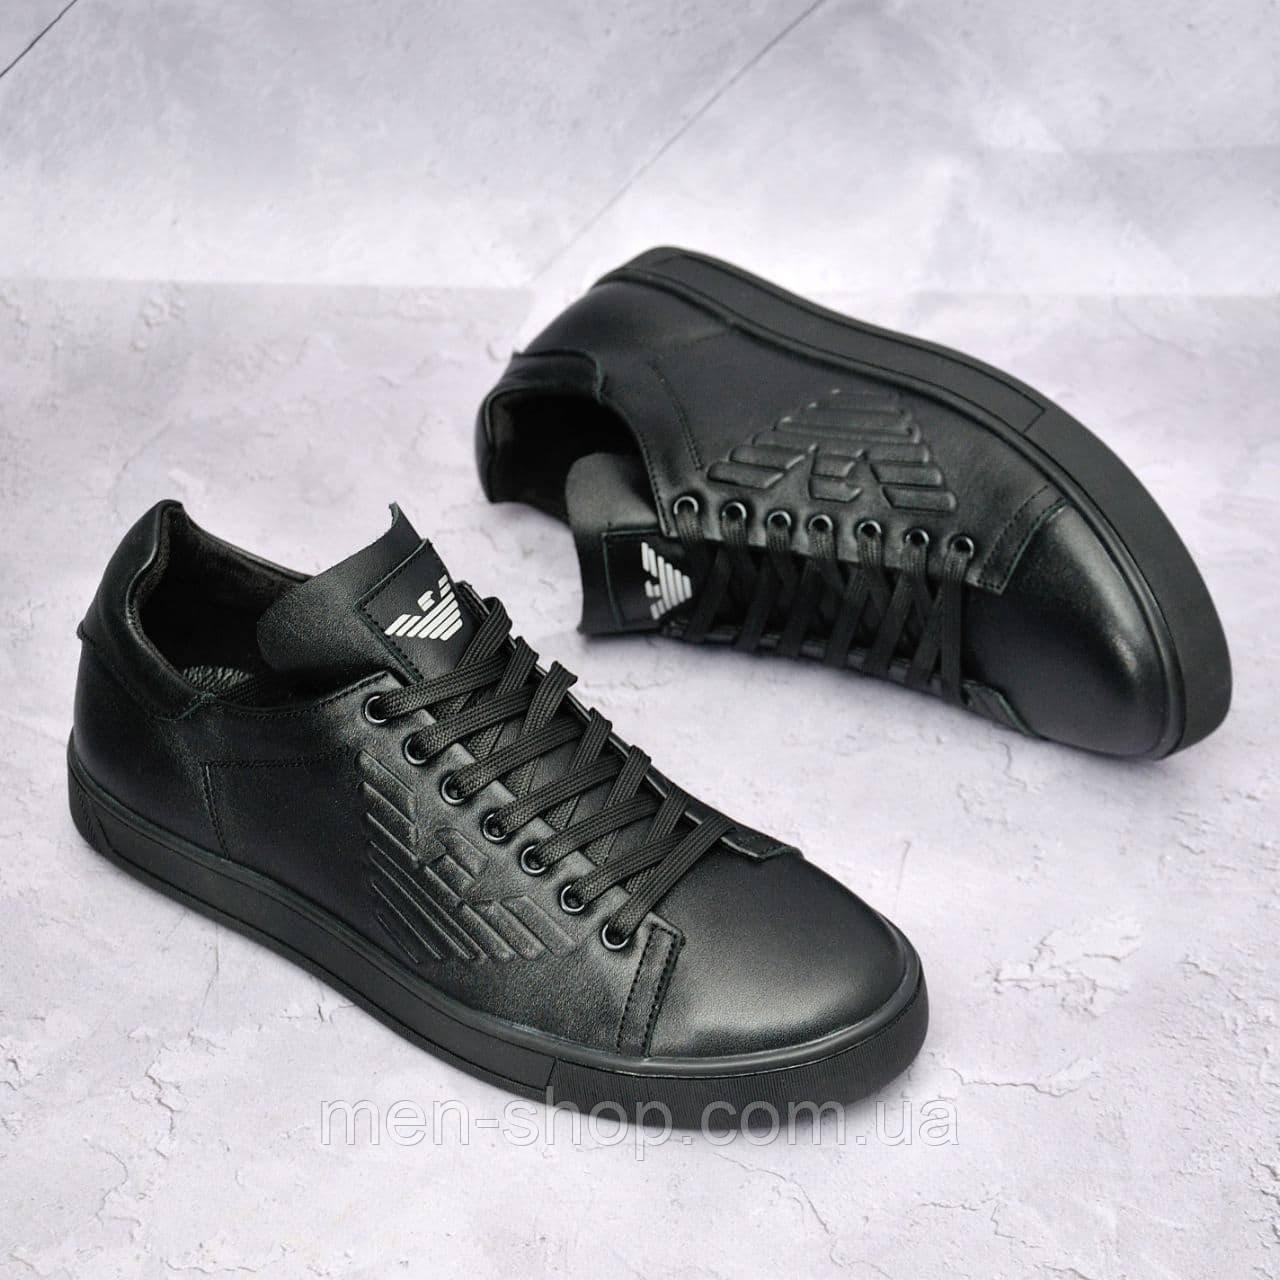 Чоловічі шкіряні туфлі Armani